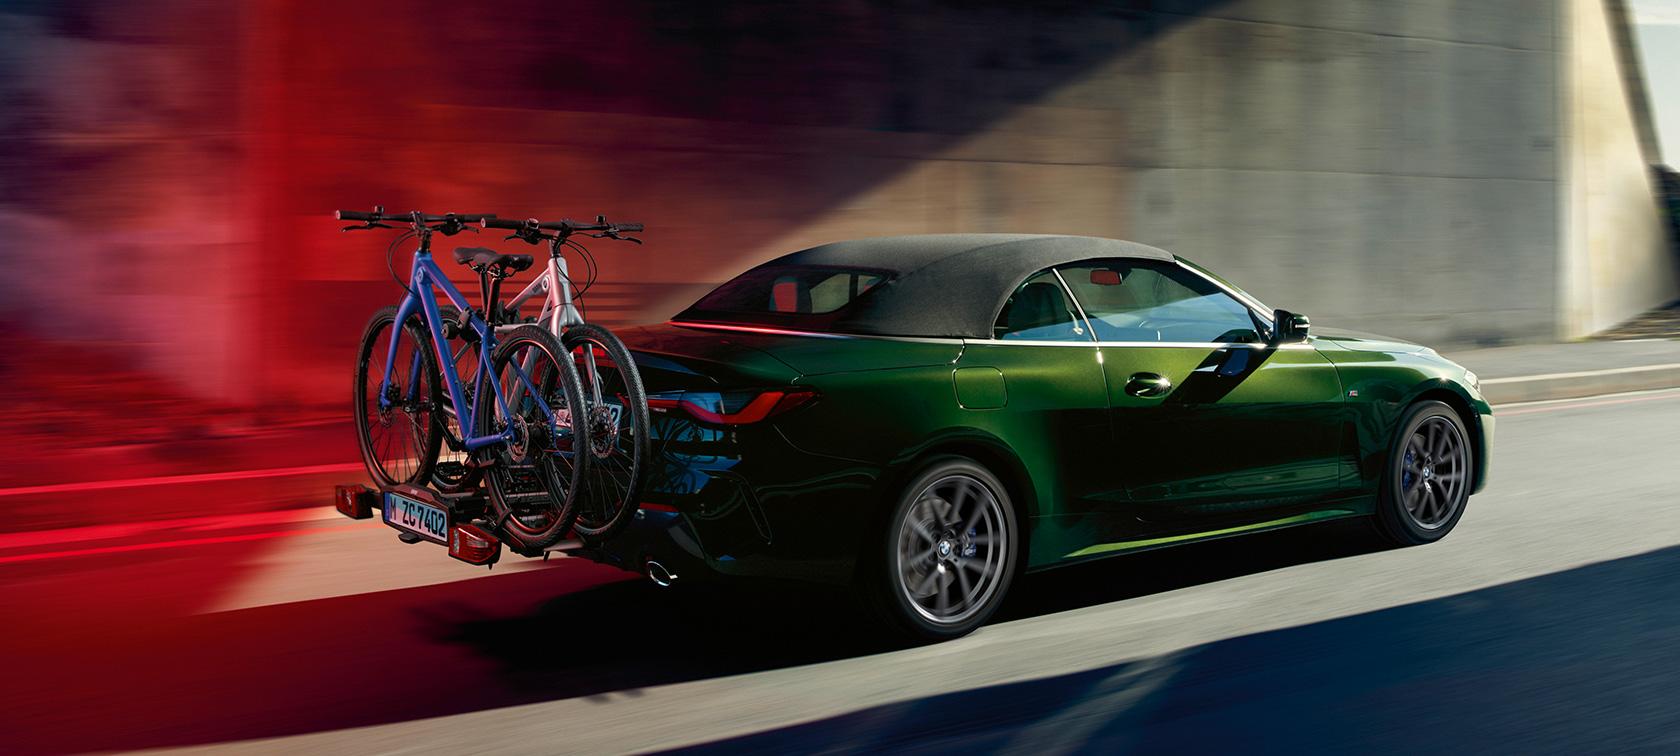 BMW Seria 4 Cabriolet Design Spate